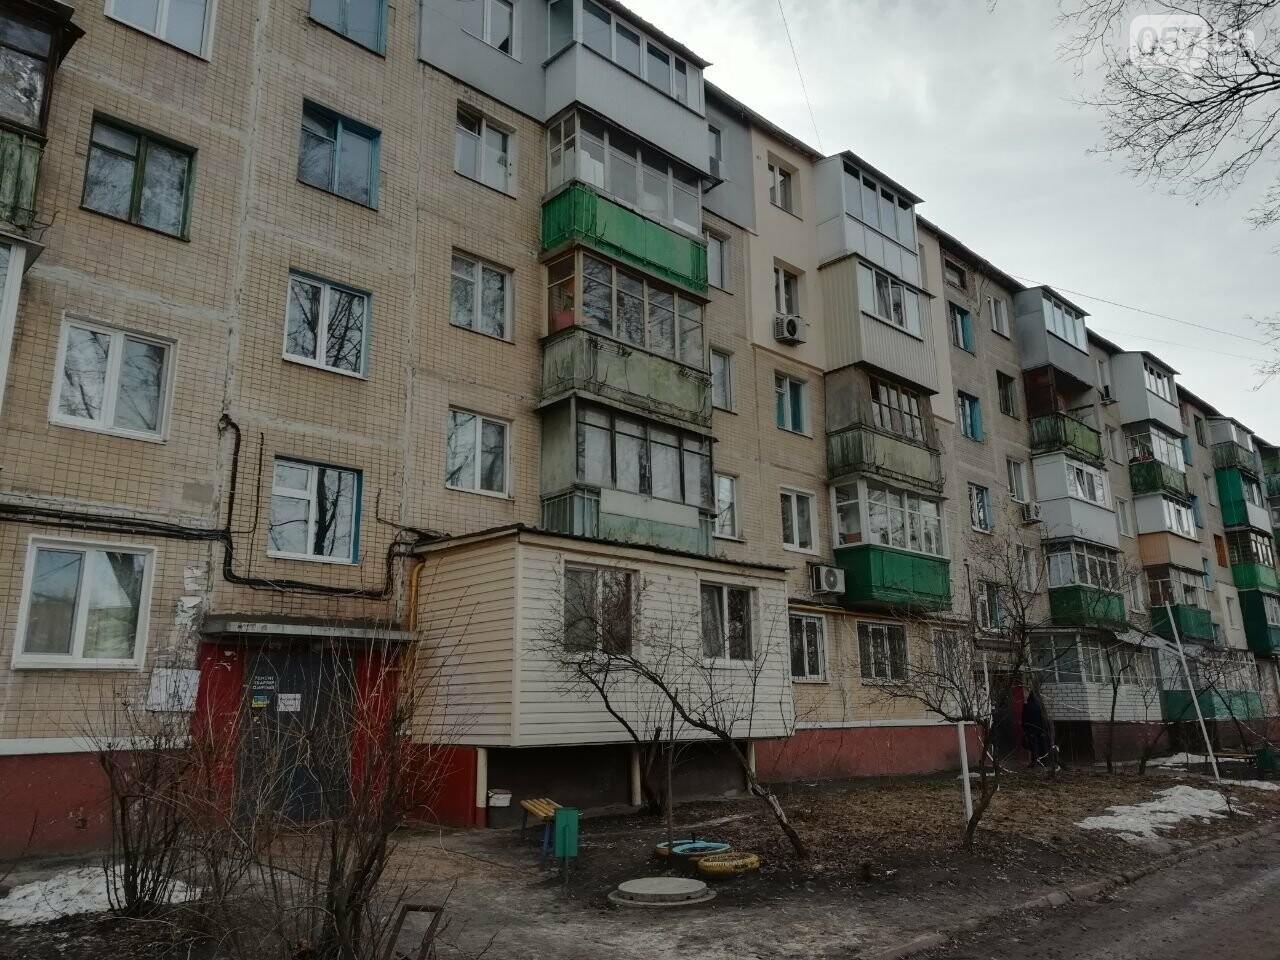 Выстрелы возле дома и неизвестные в масках: что рассказали жители о стрельбе на Московском проспекте, - ФОТО, фото-22